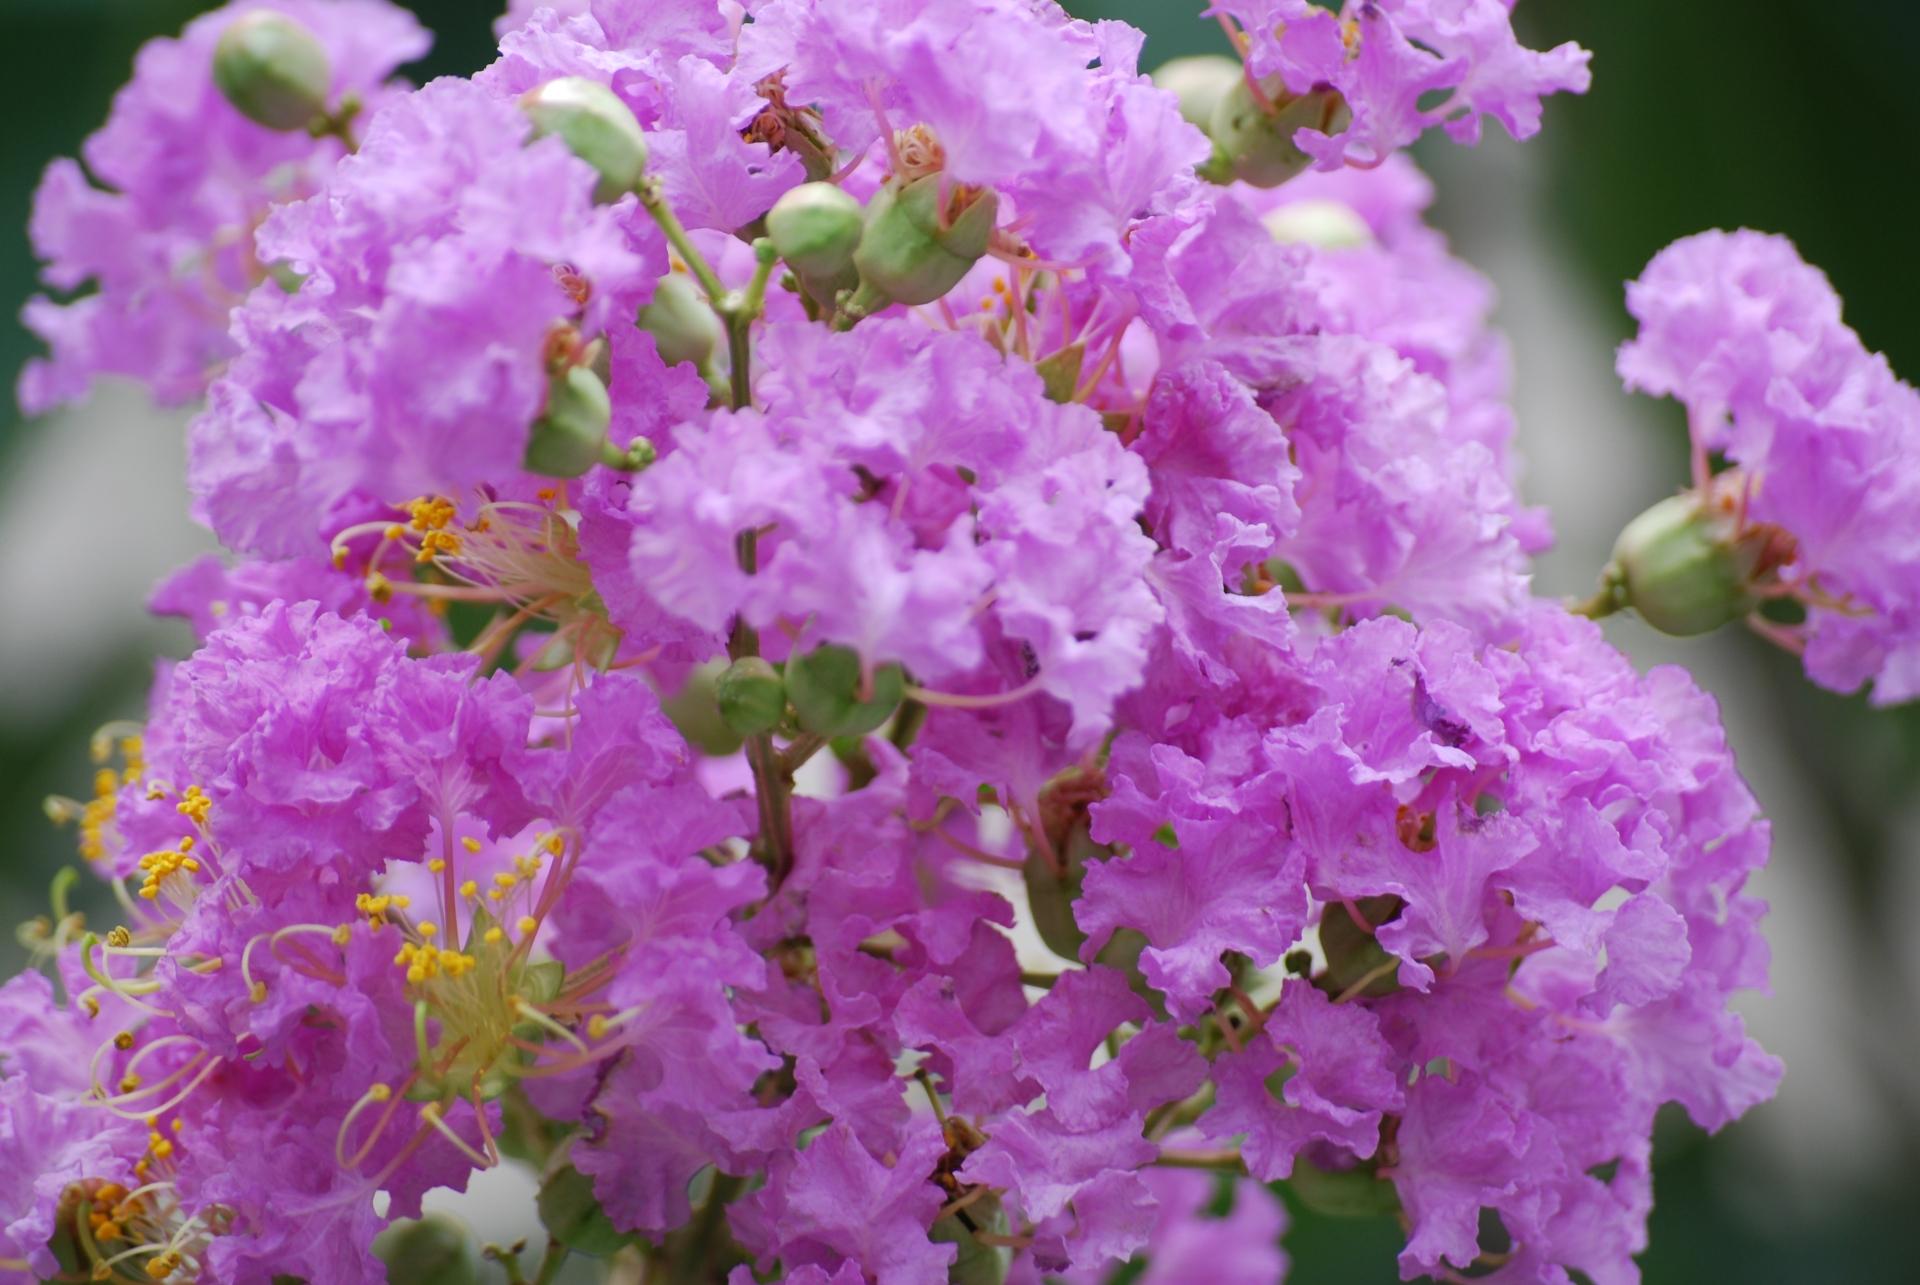 ガーデン用品屋さんの花図鑑 ミソハギ